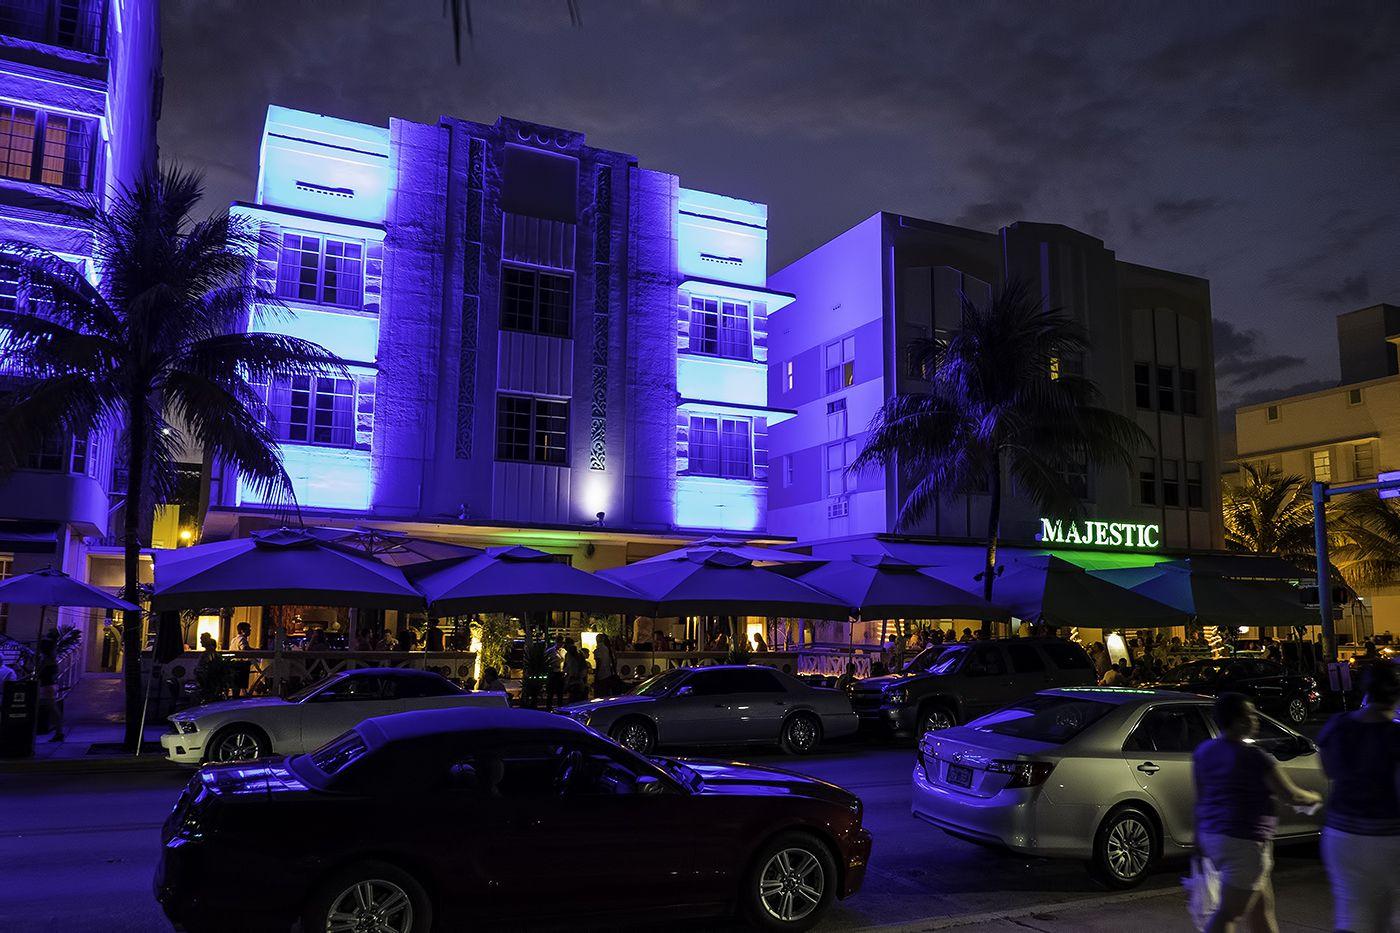 Majestic Hotel South Beach Miami Art Deco District